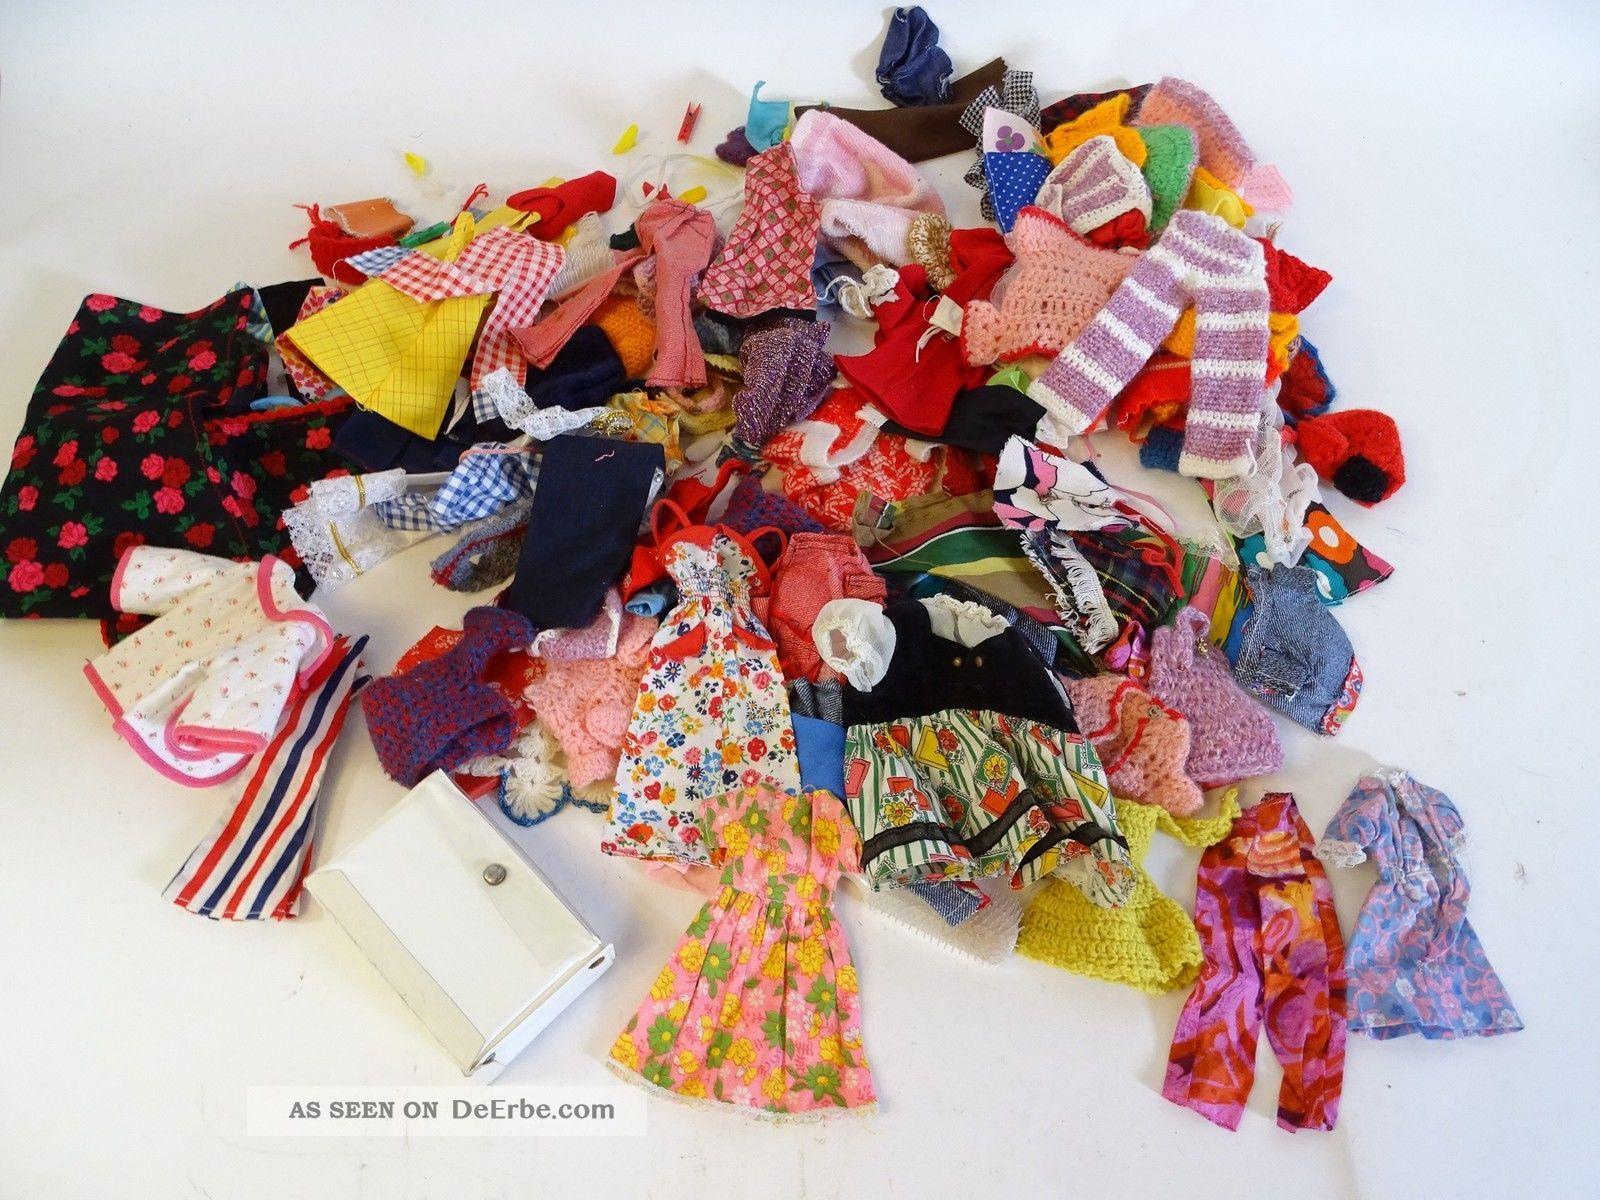 Riesiges Konvolut Toller Alter Puppenkleidung Barbiekleidung Kleider Hosen Usw. Original, gefertigt vor 1970 Bild